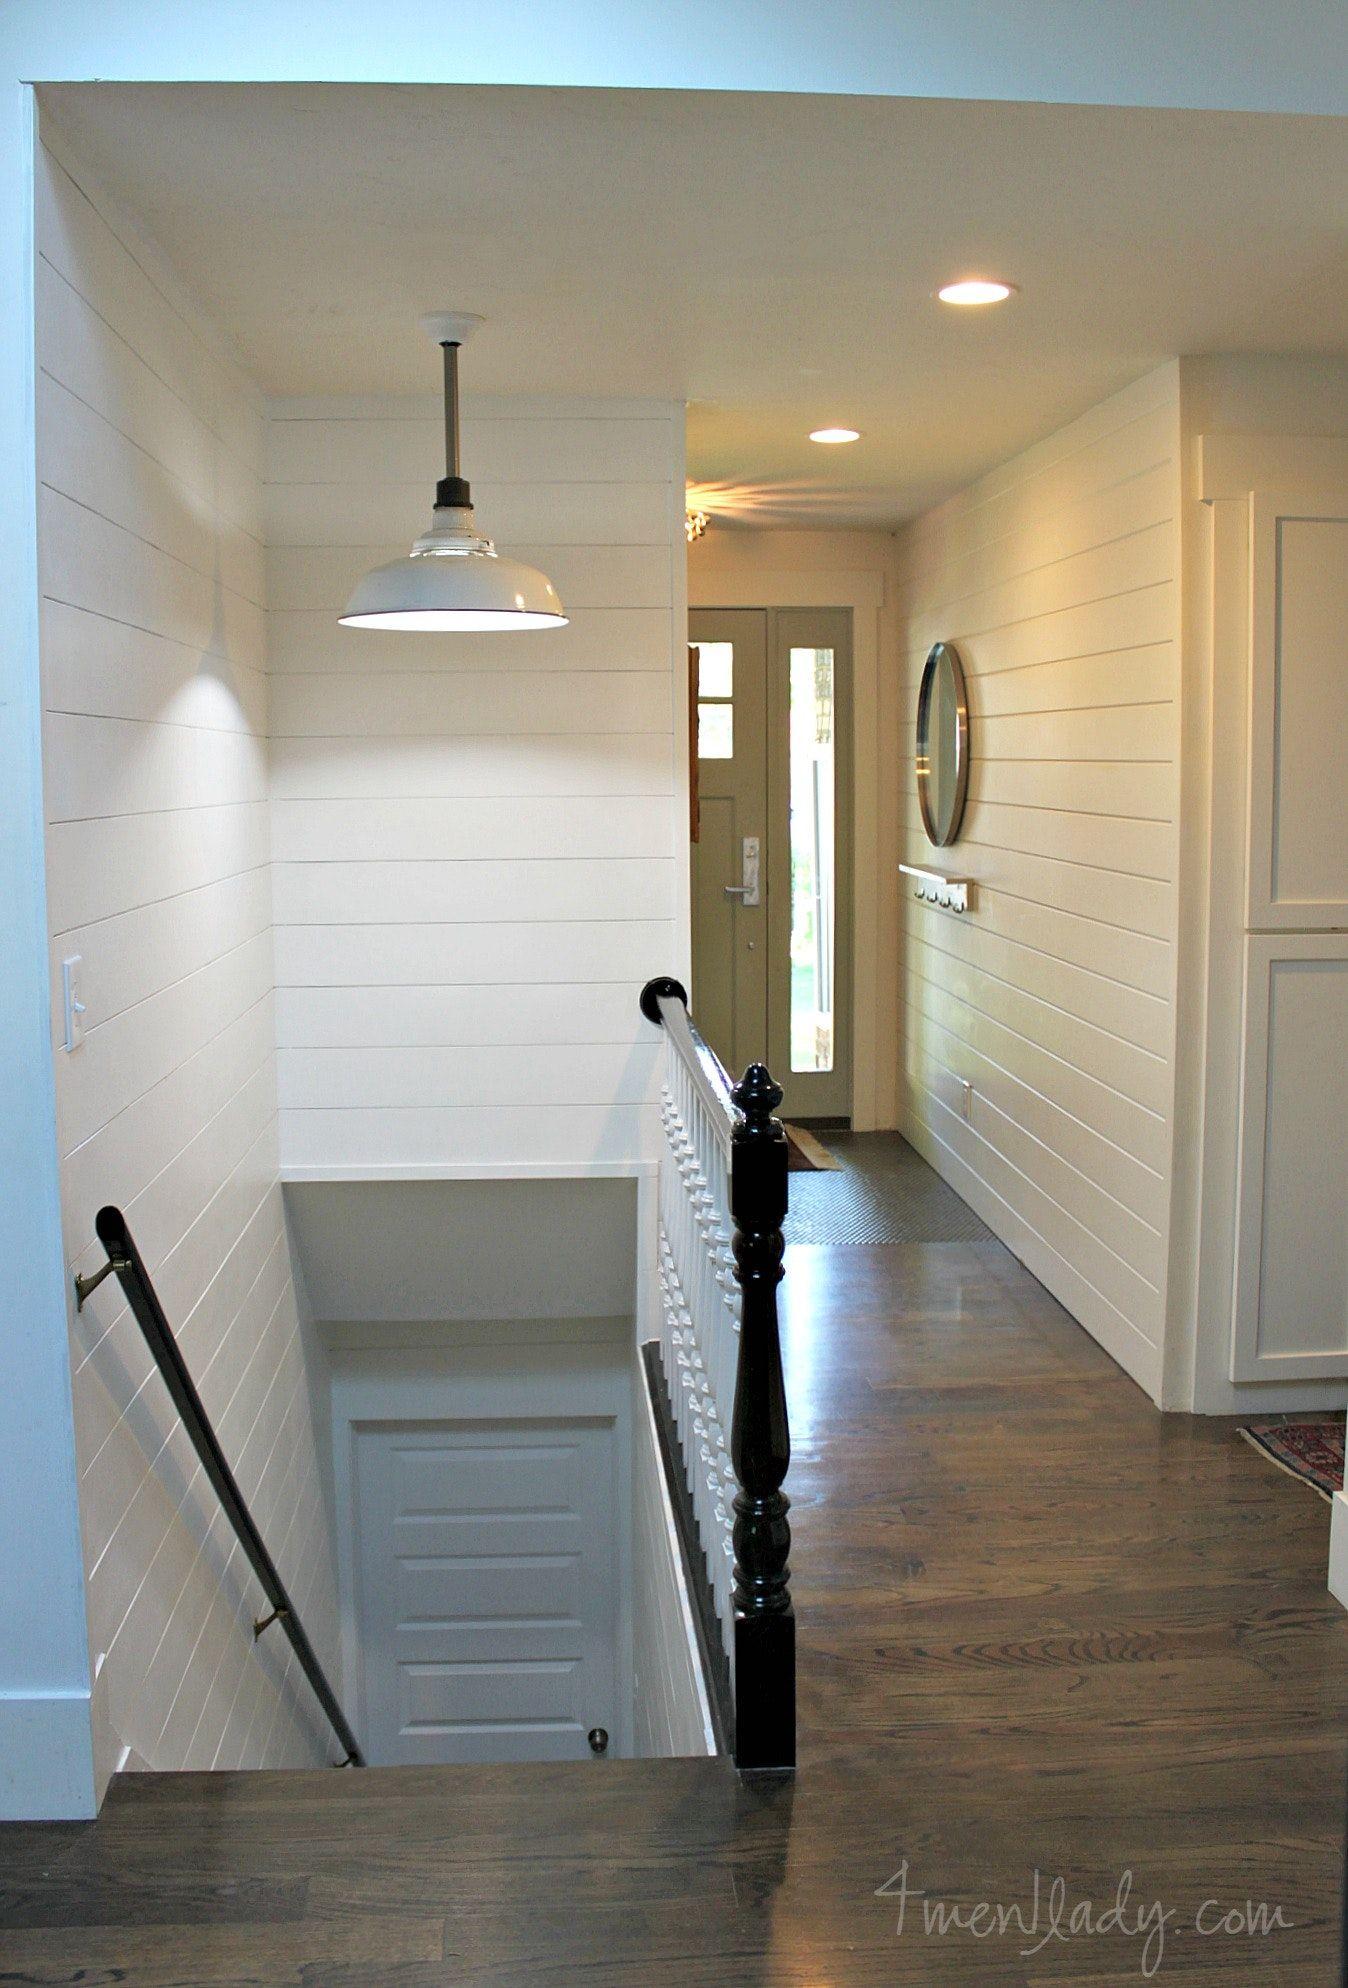 Living Room Stairway Lighting Stairwell Pendant Lights Recessed Inside Stairwell Lighting Stairway Lighting Hallway Light Fixtures Staircase Design